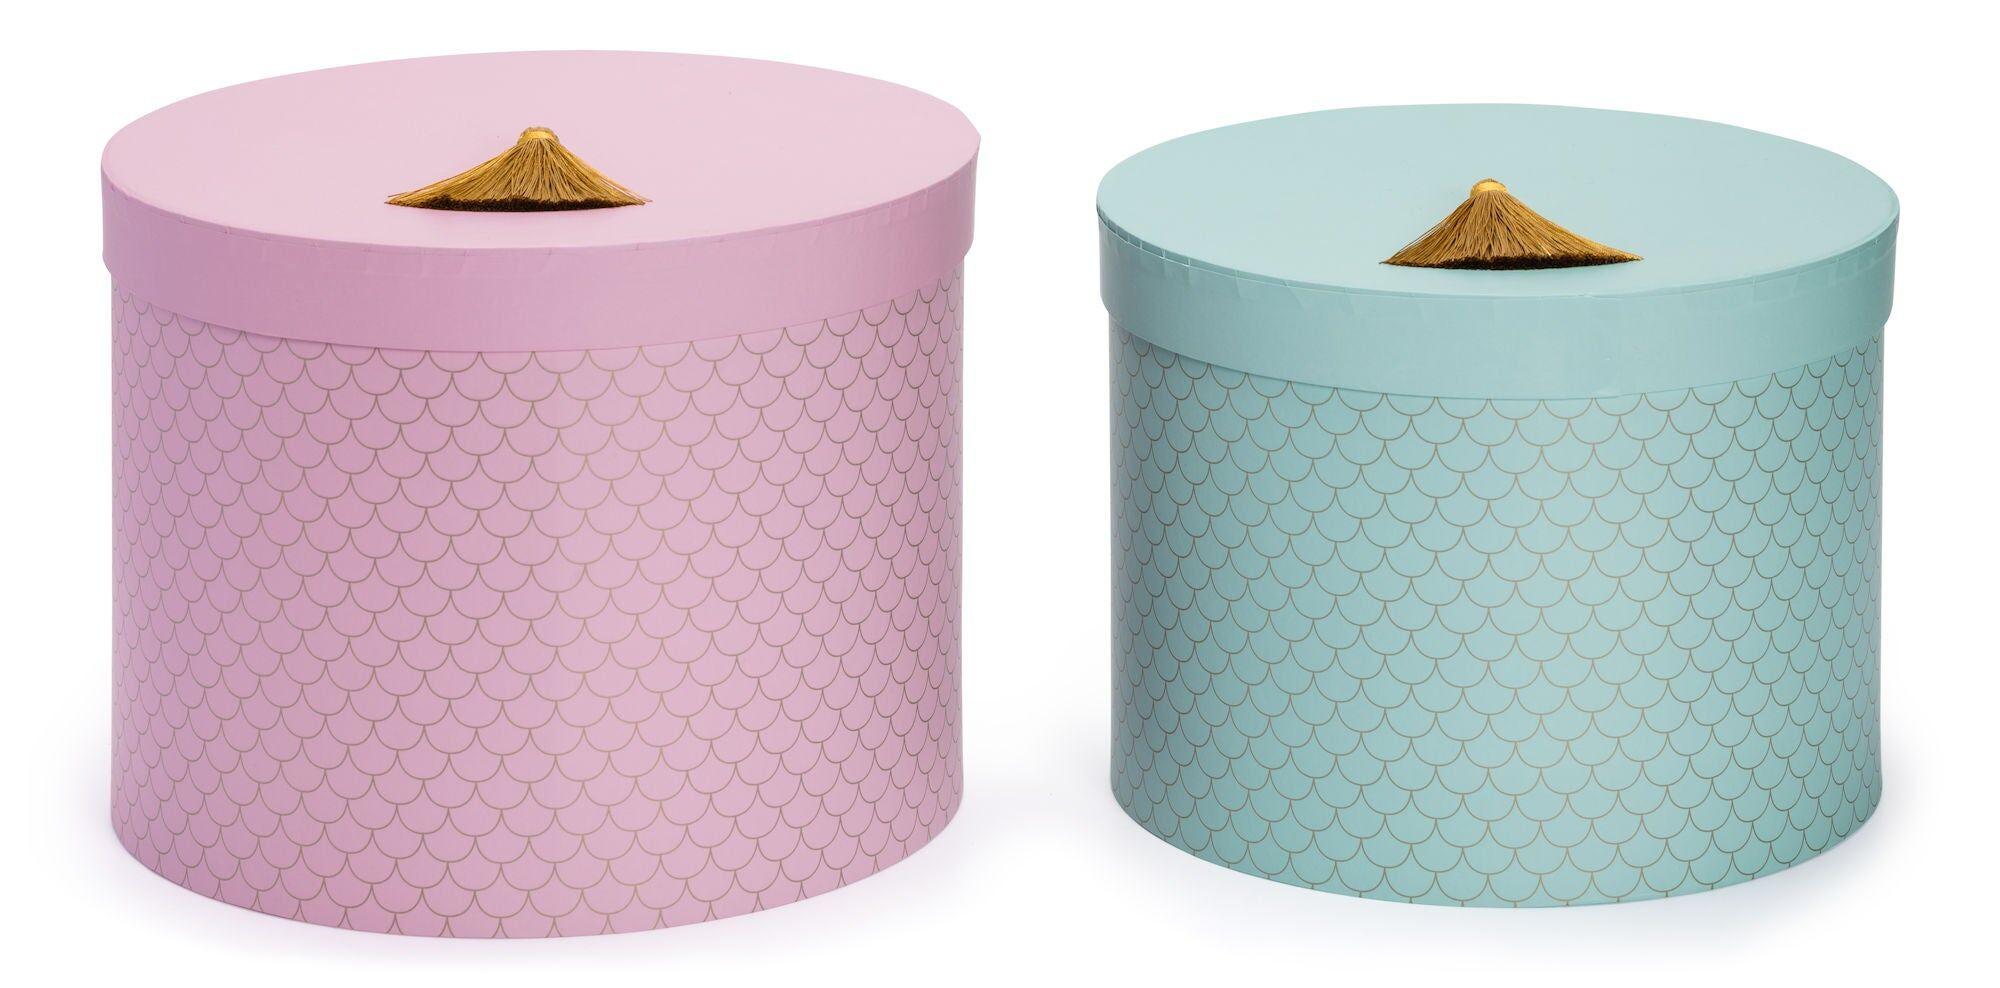 Petite Déco Oppbevaringsboks Rund Golden Scallop 2-Pack, Blå/Rosa